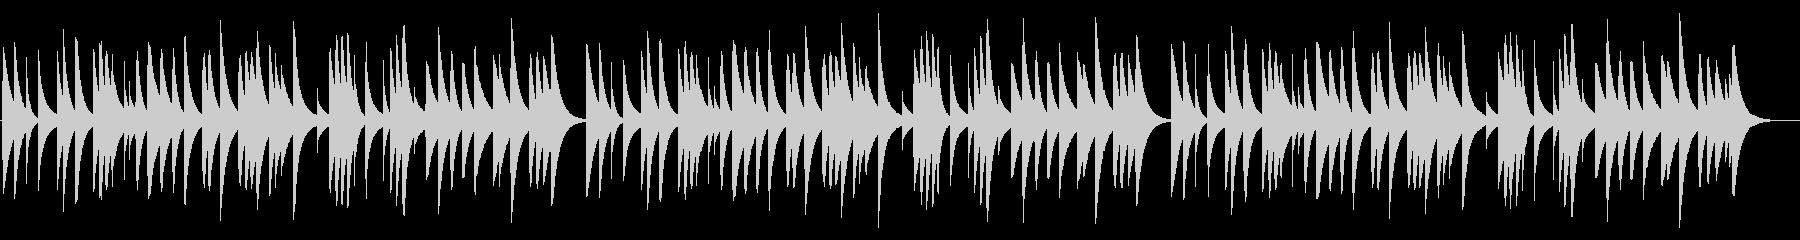 冬景色 18弁オルゴールの未再生の波形